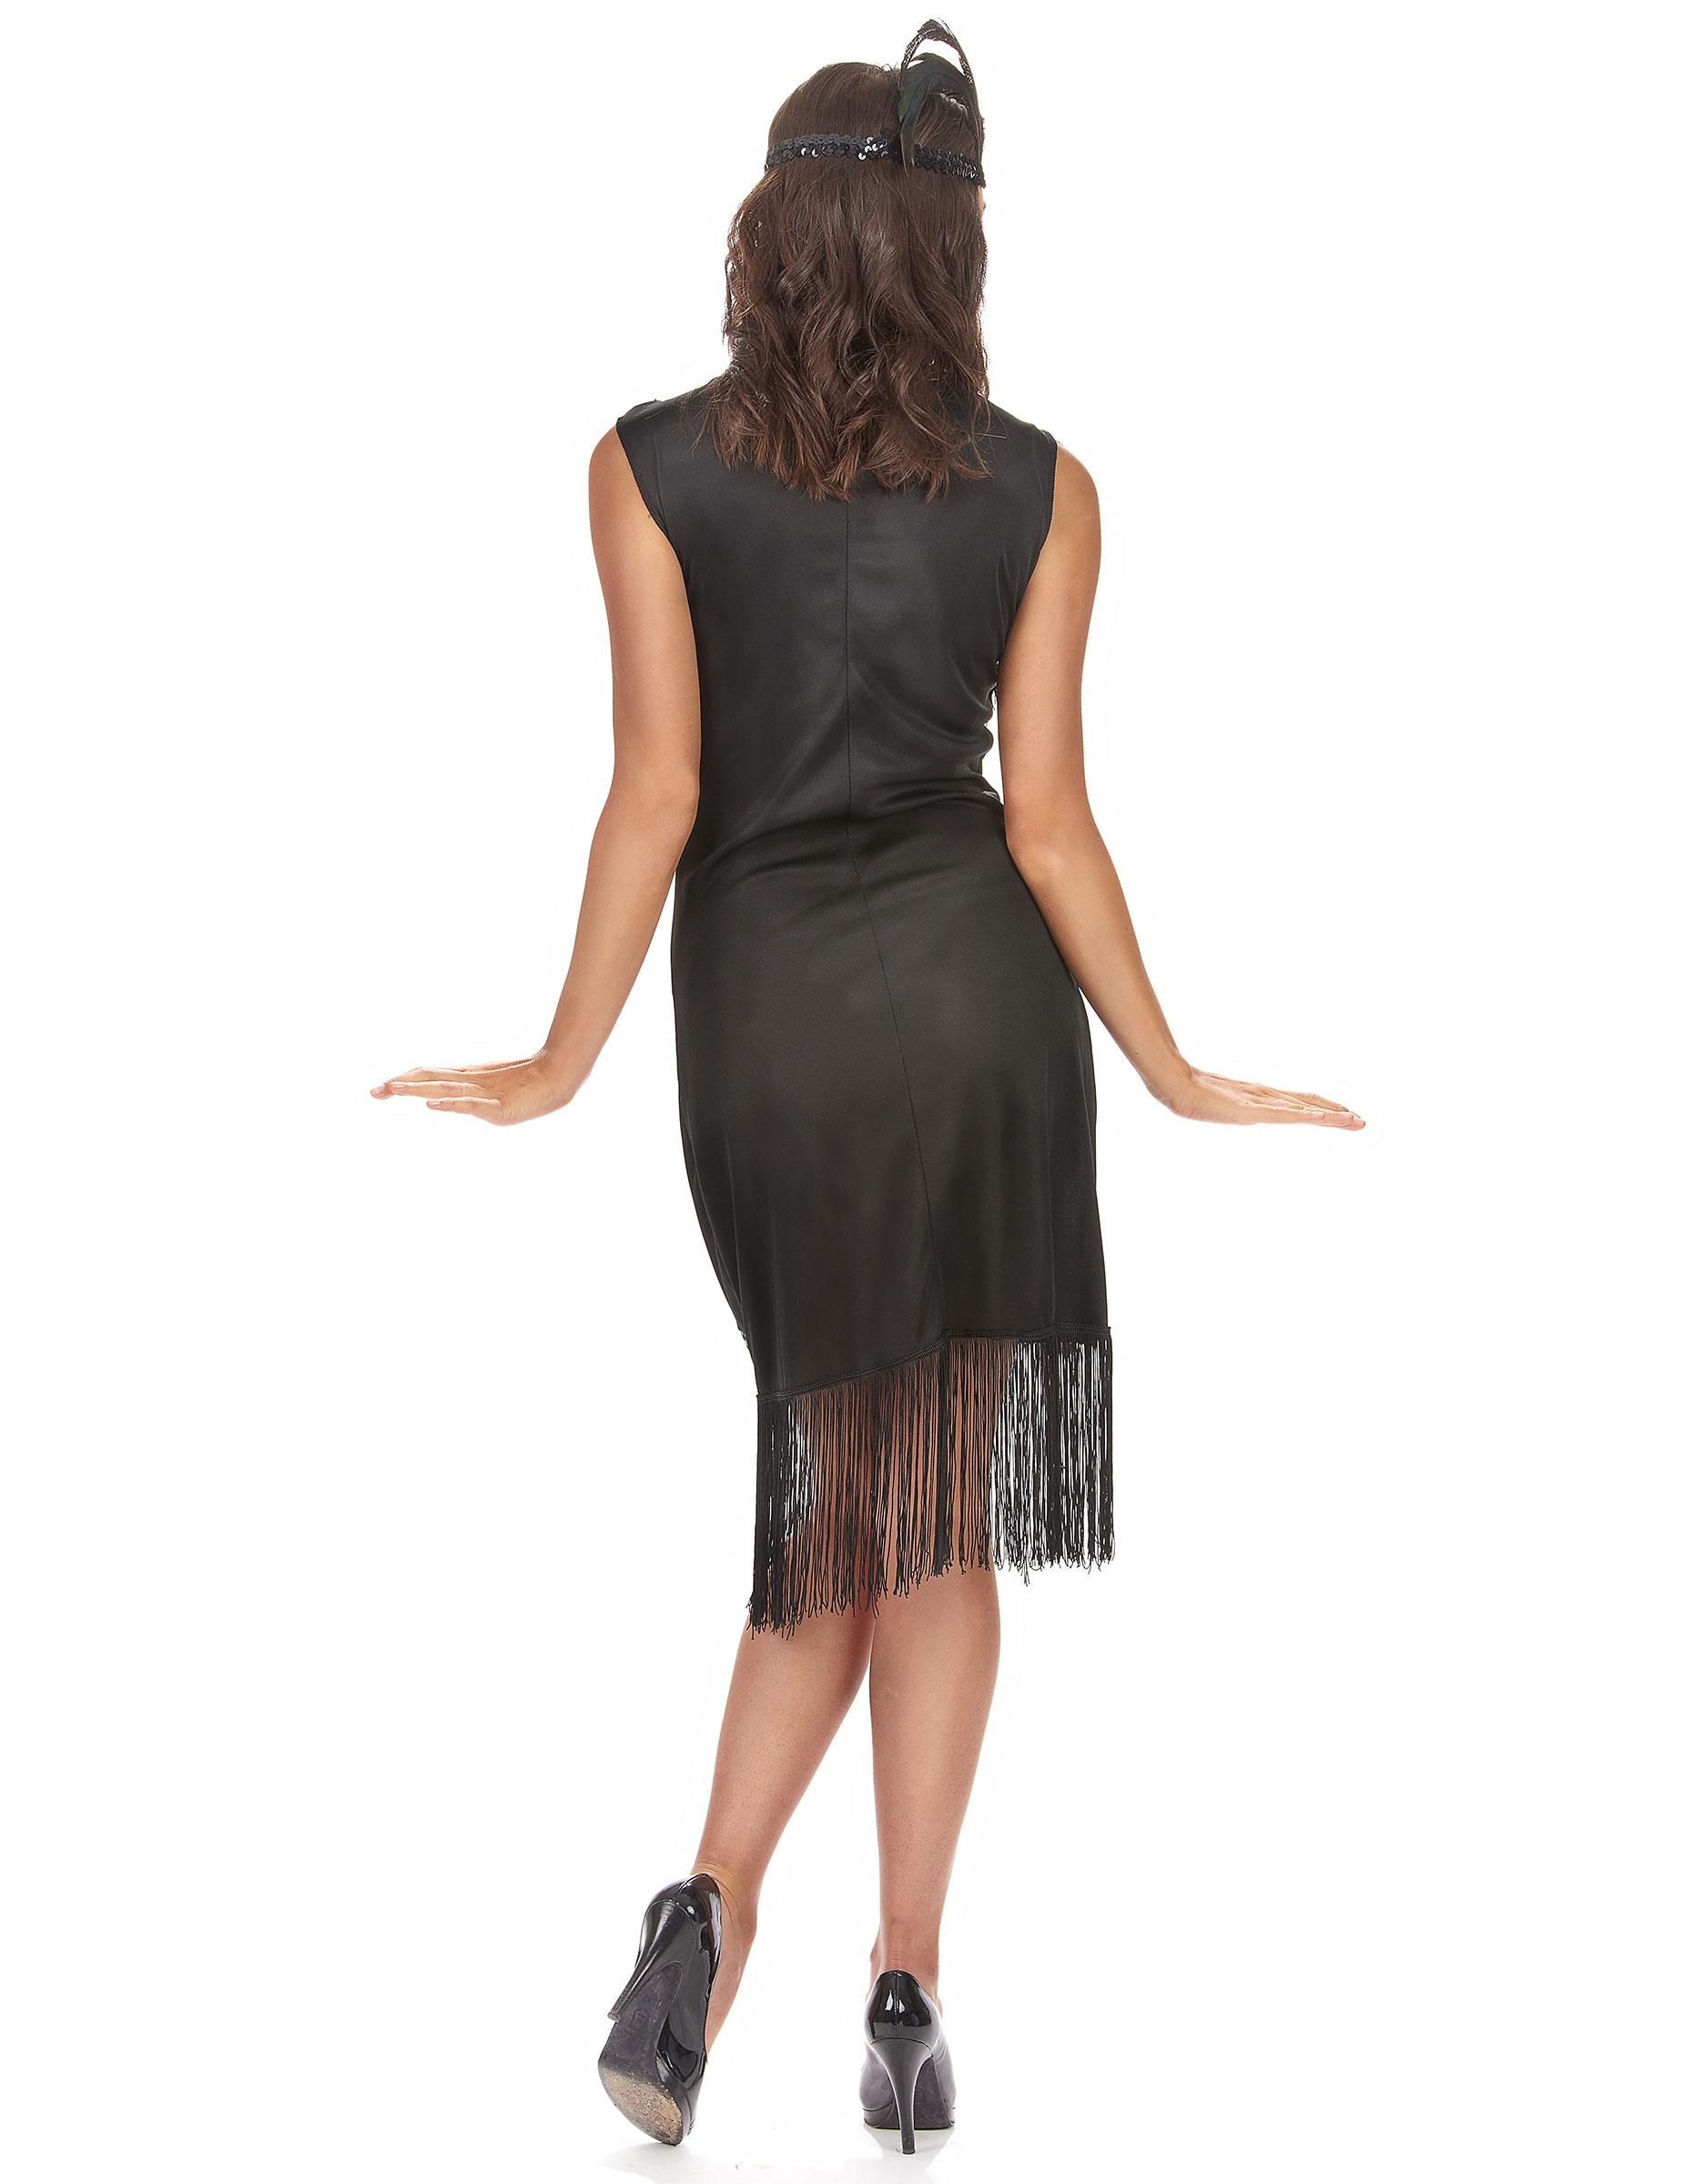 d guisement robe charleston noire femme achat de d guisements adultes sur vegaoopro grossiste. Black Bedroom Furniture Sets. Home Design Ideas